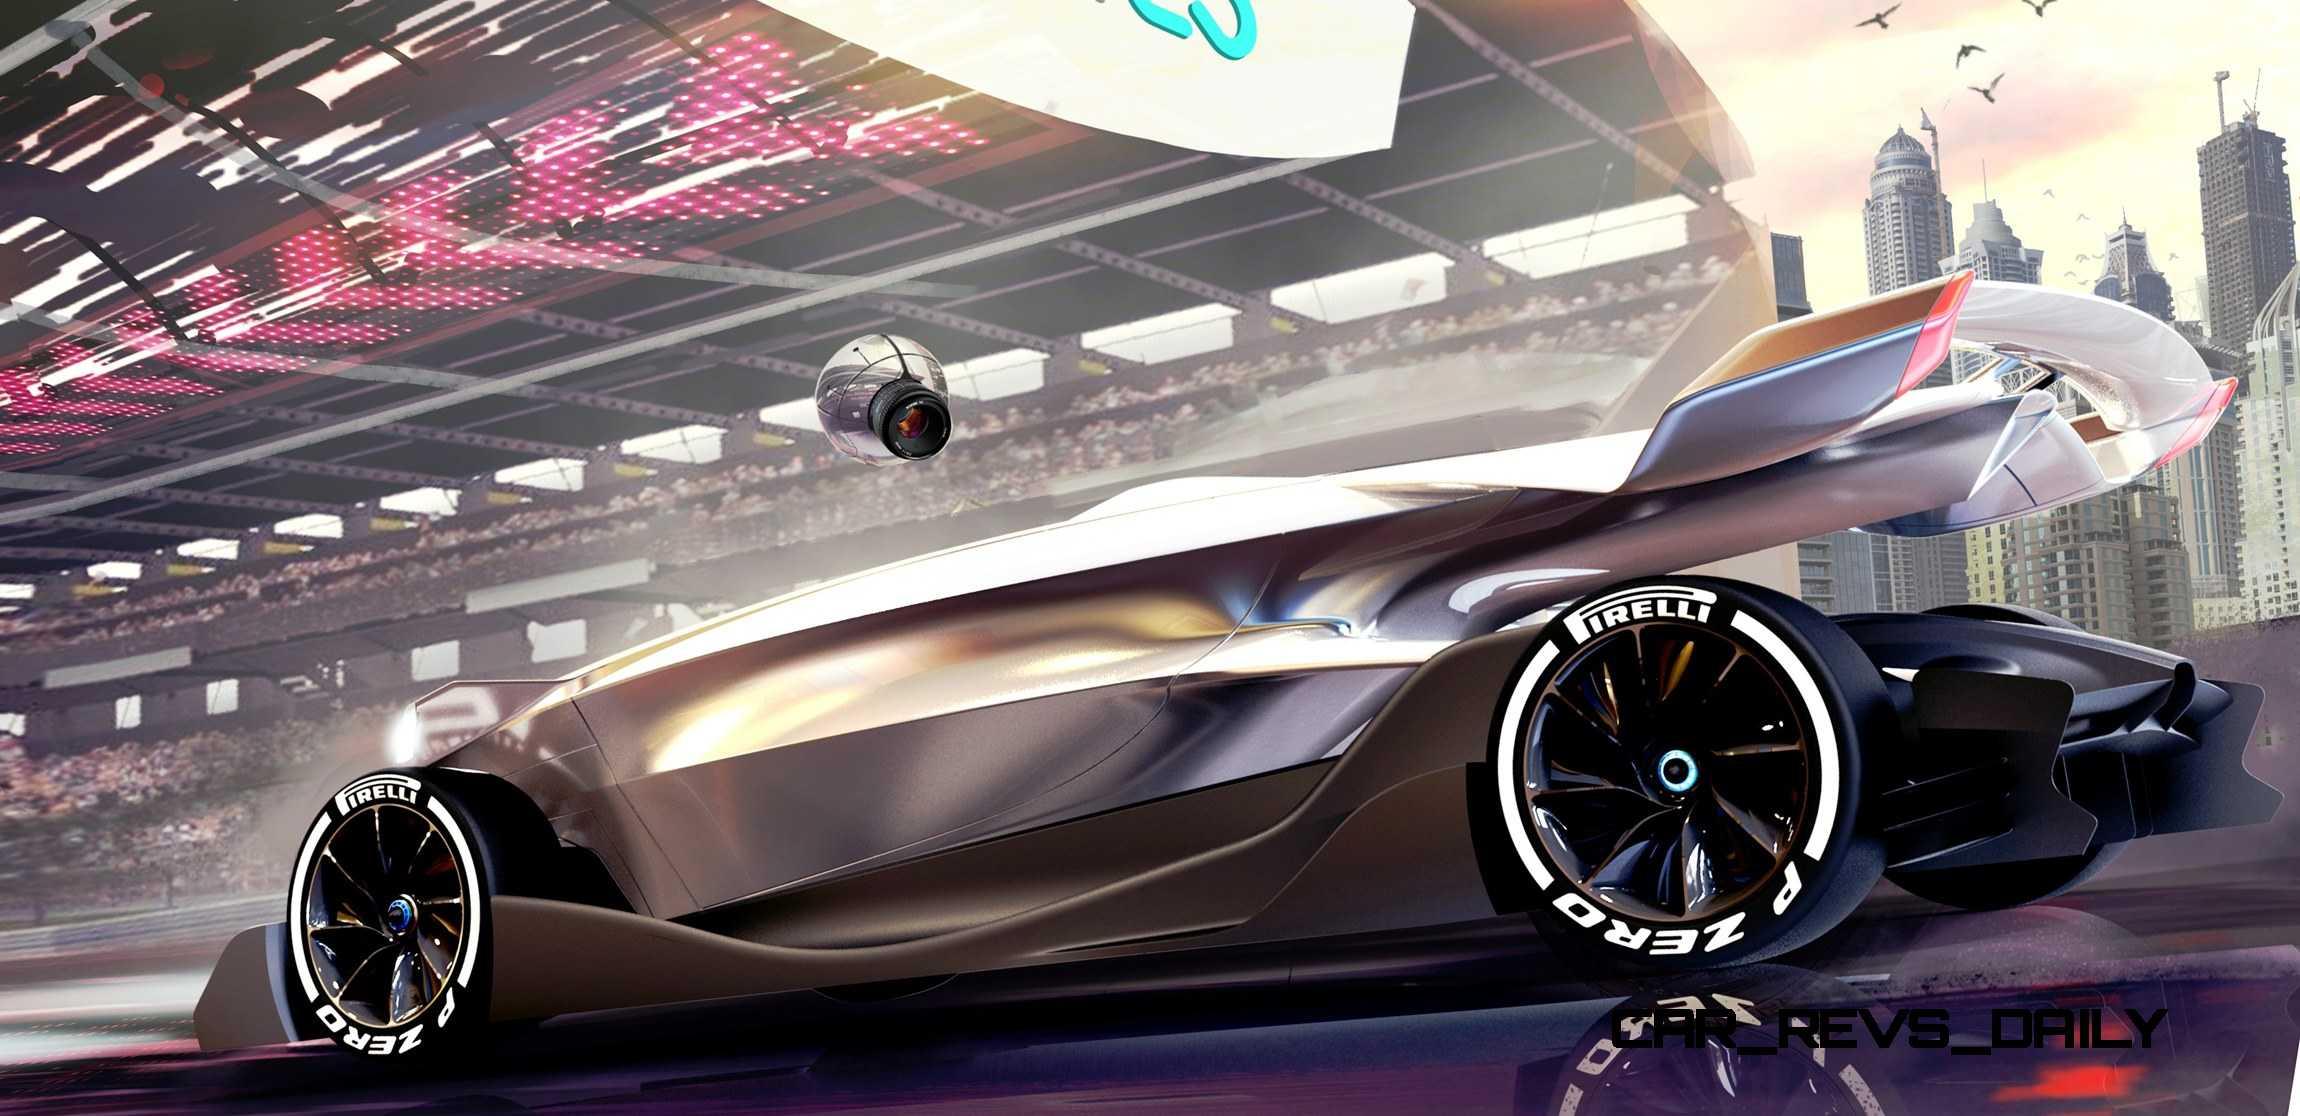 2015 Ed Design Torq Concept